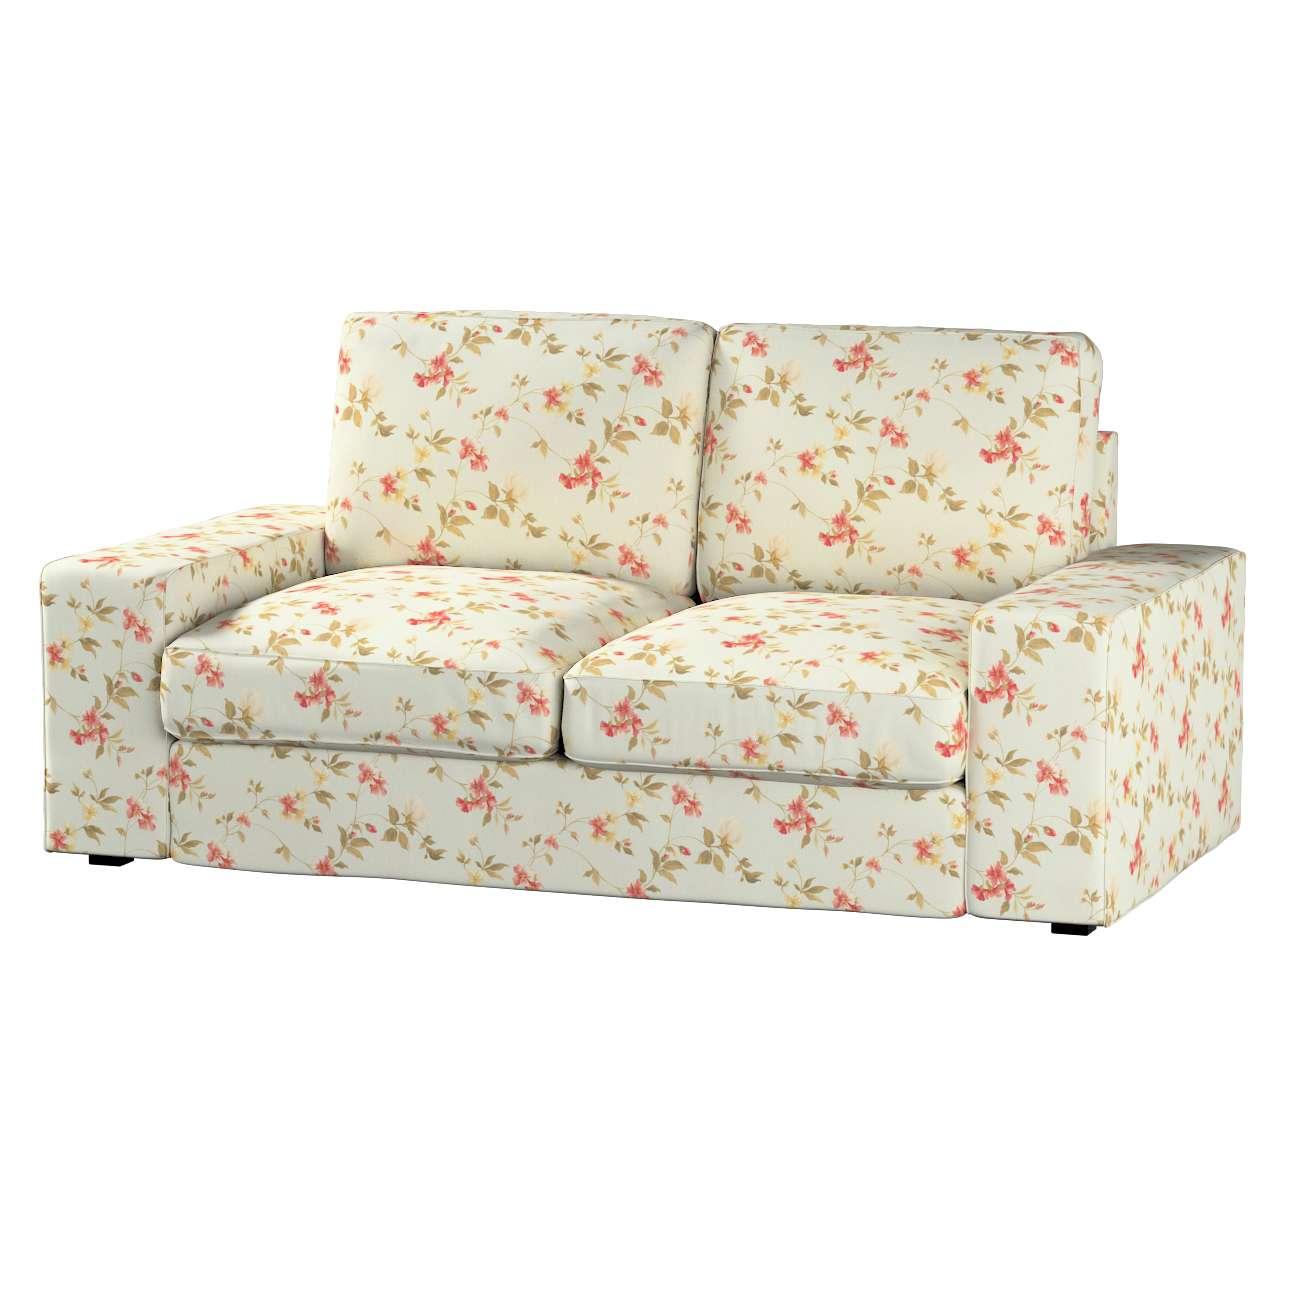 KIVIK dvivietės sofos užvalkalas Kivik 2-seat sofa kolekcijoje Londres, audinys: 124-65